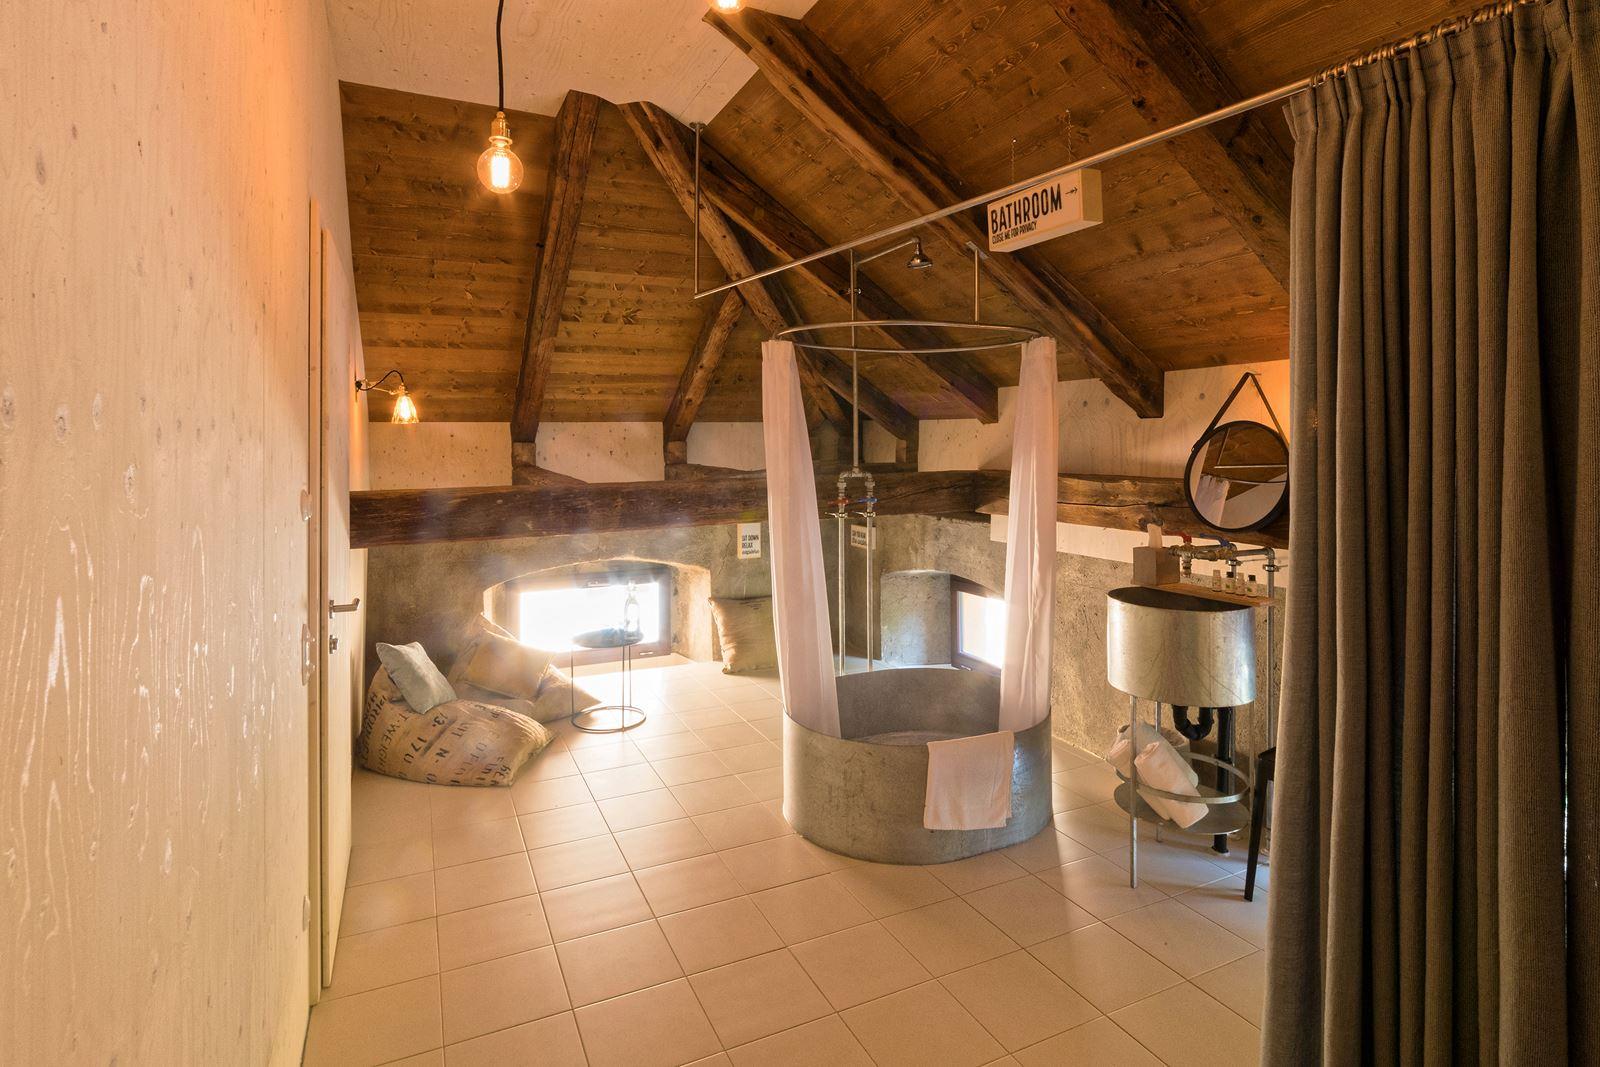 Stile rustico in mansarda for Rustico un telaio cabina